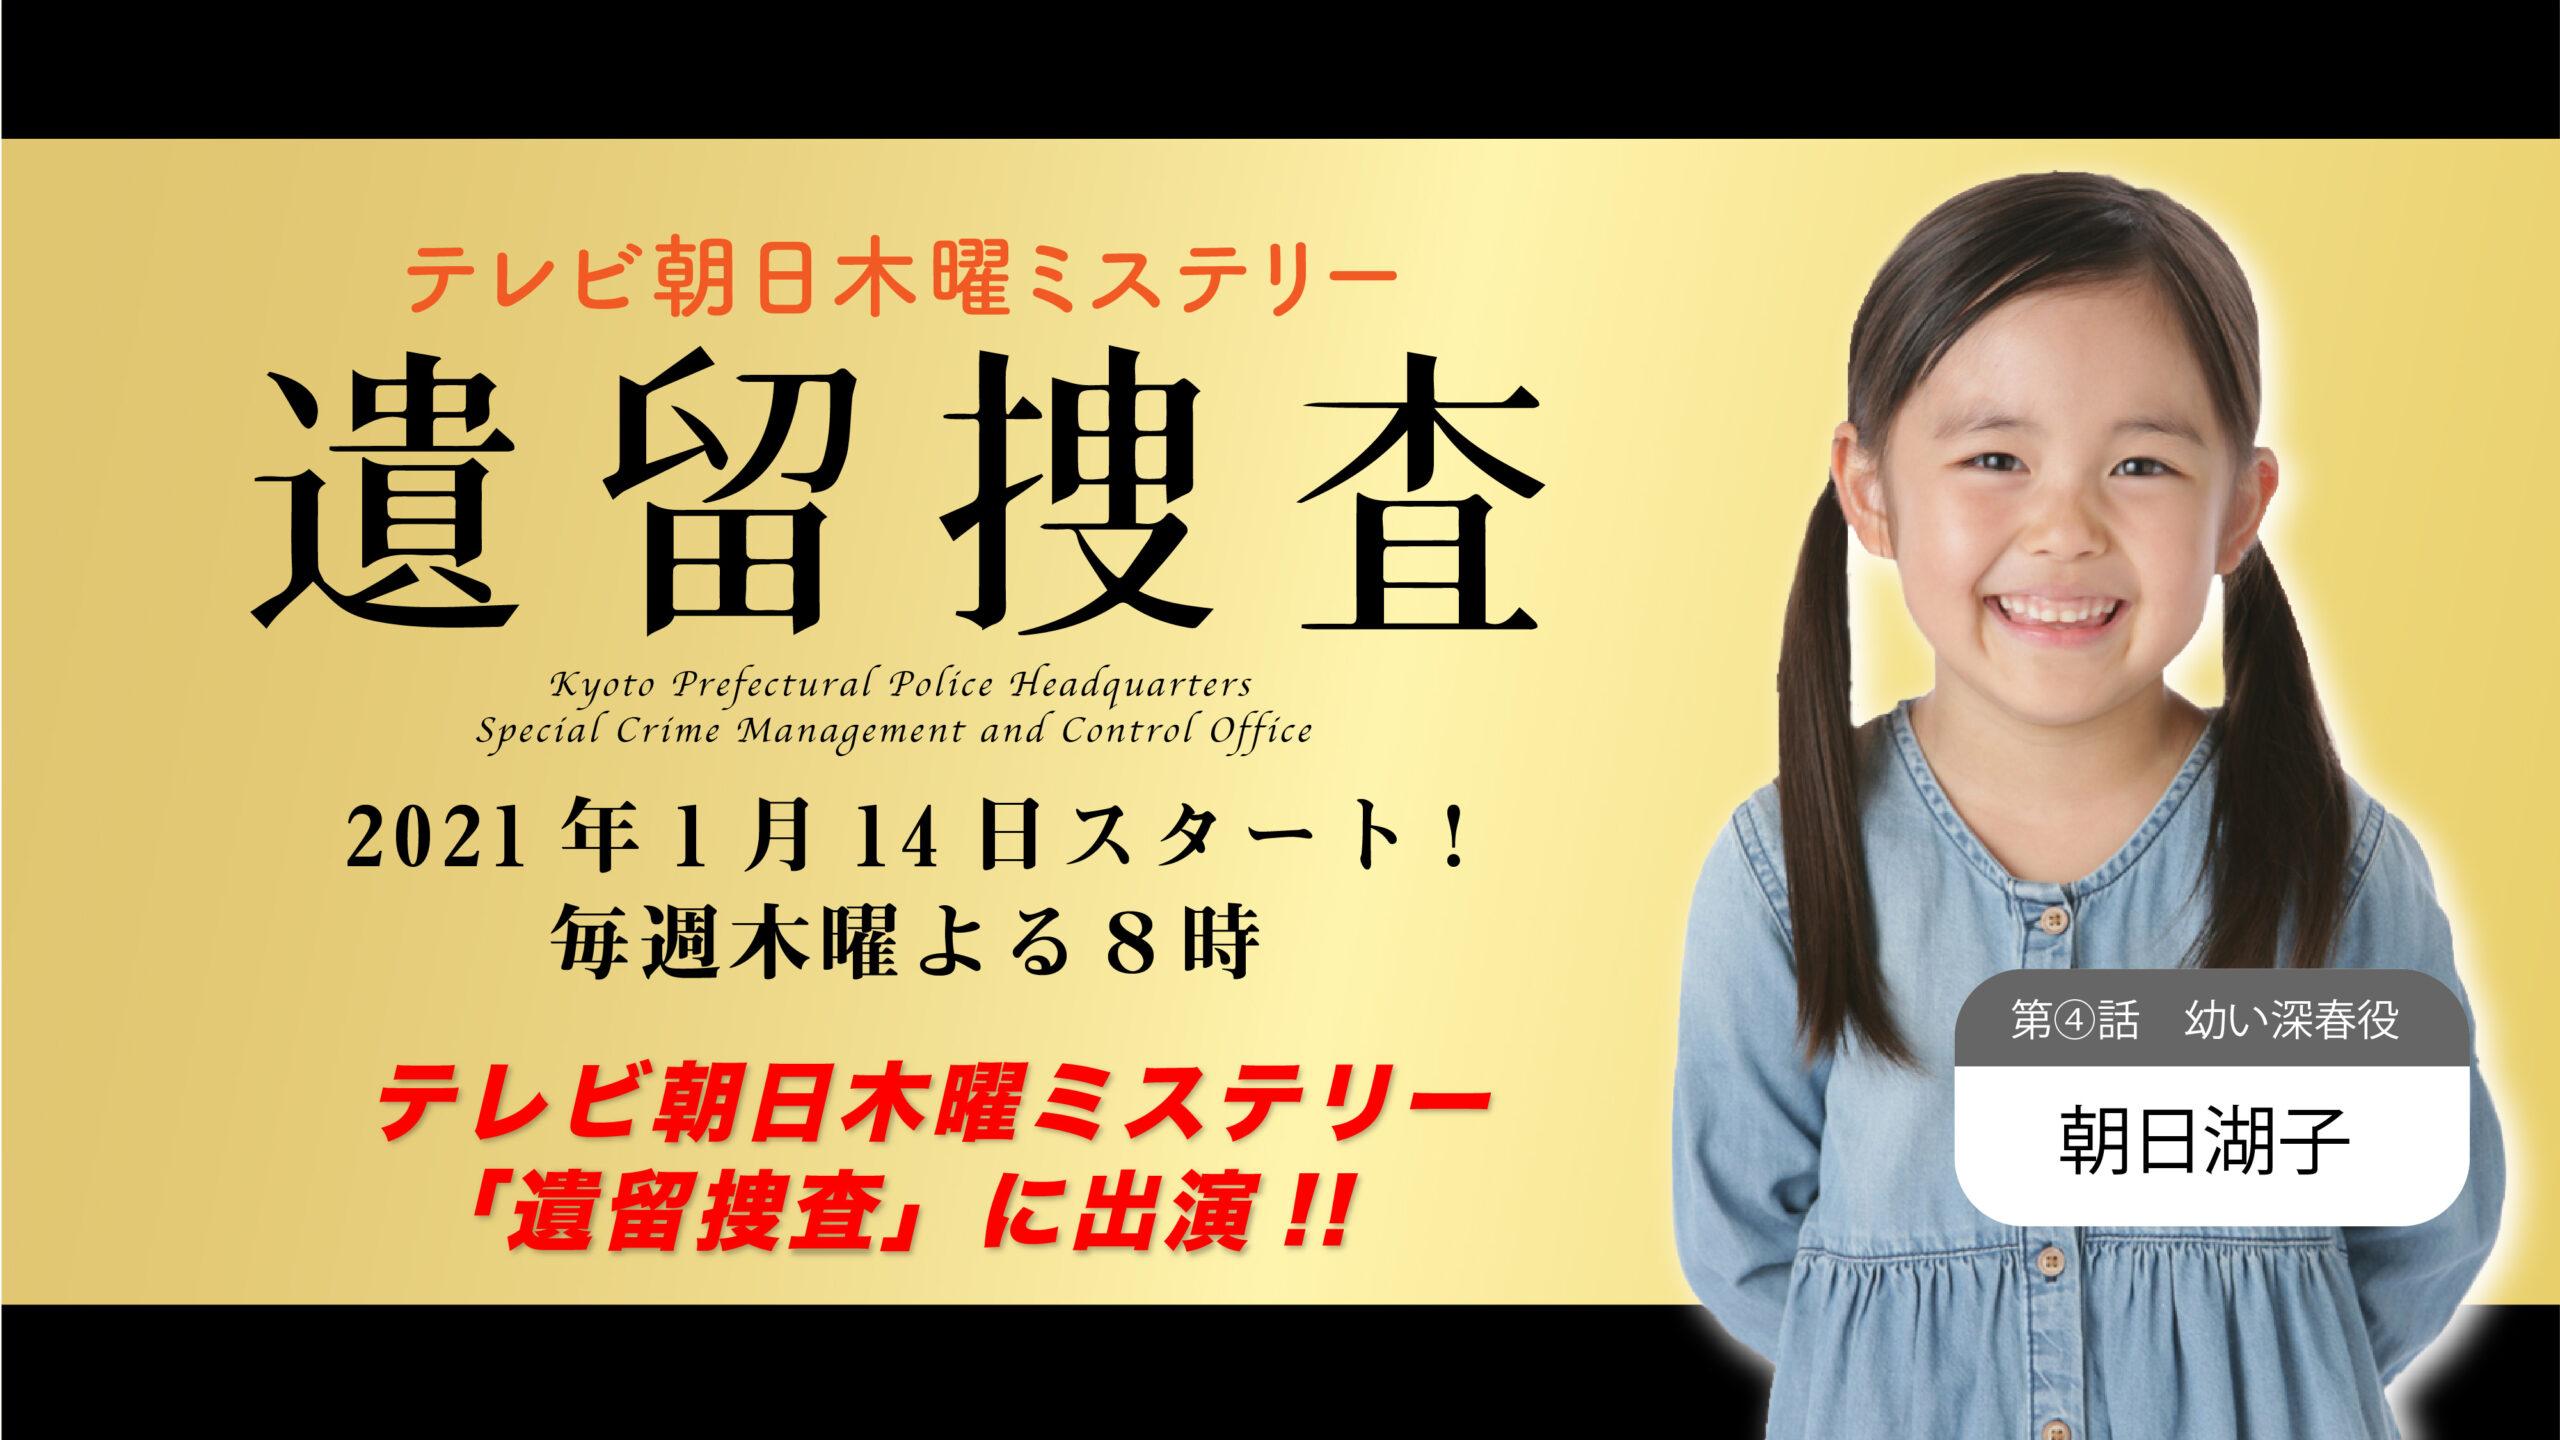 【出演情報】朝日湖子 / テレビ朝日木曜ミステリー「遺留捜査(第4話)」出演